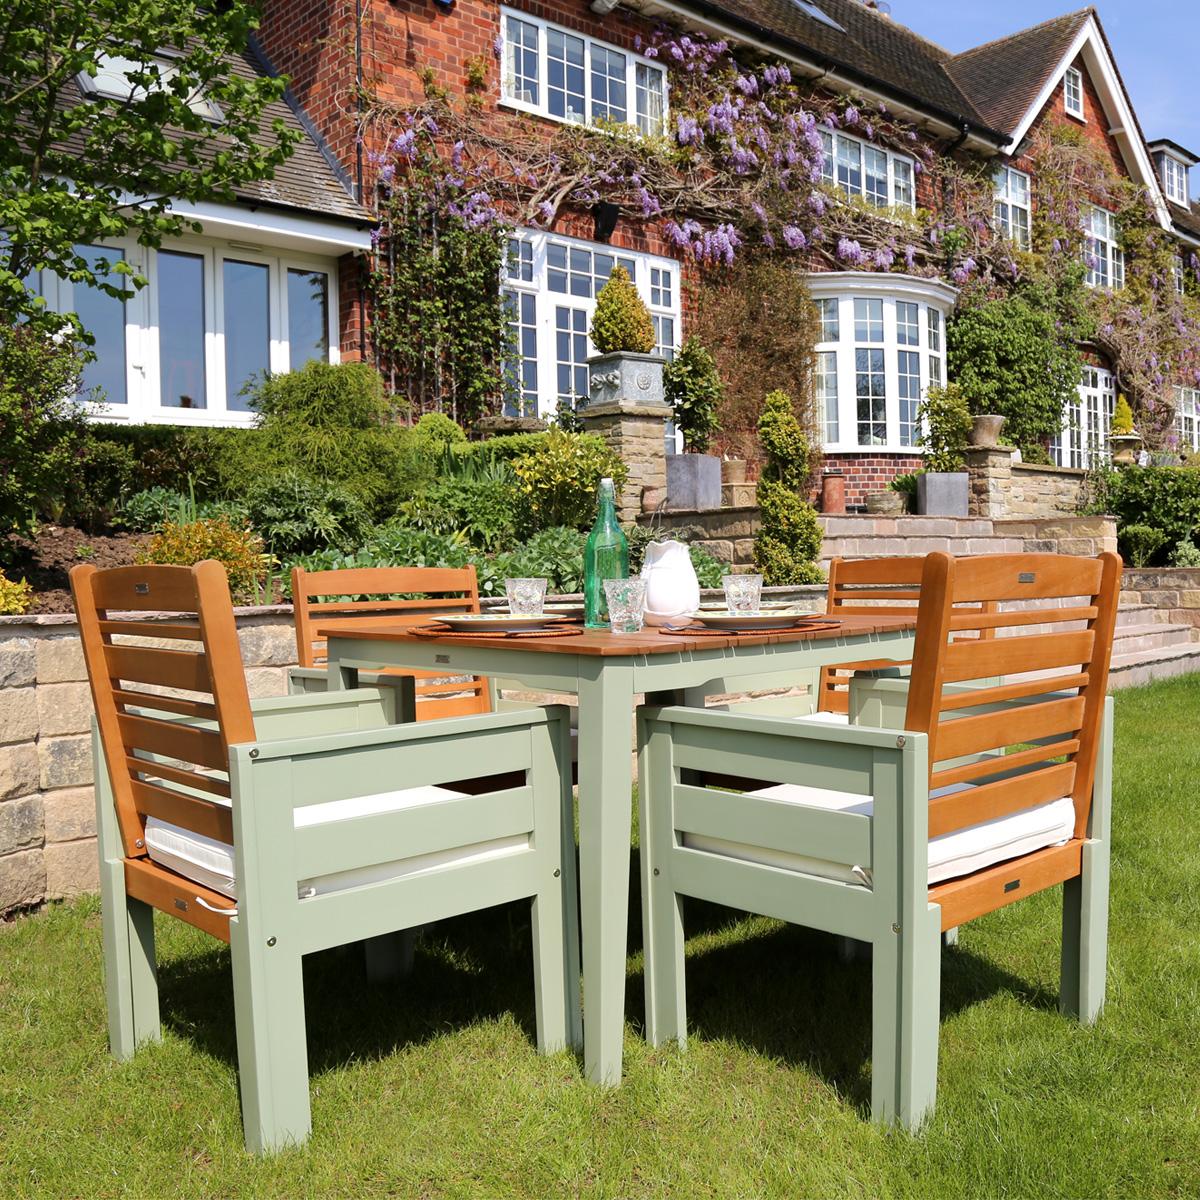 Muebles de comedor de madera jard n conjunto mesa y 4 silla patio crema o verde ebay - Mesa jardin plastico verde ...